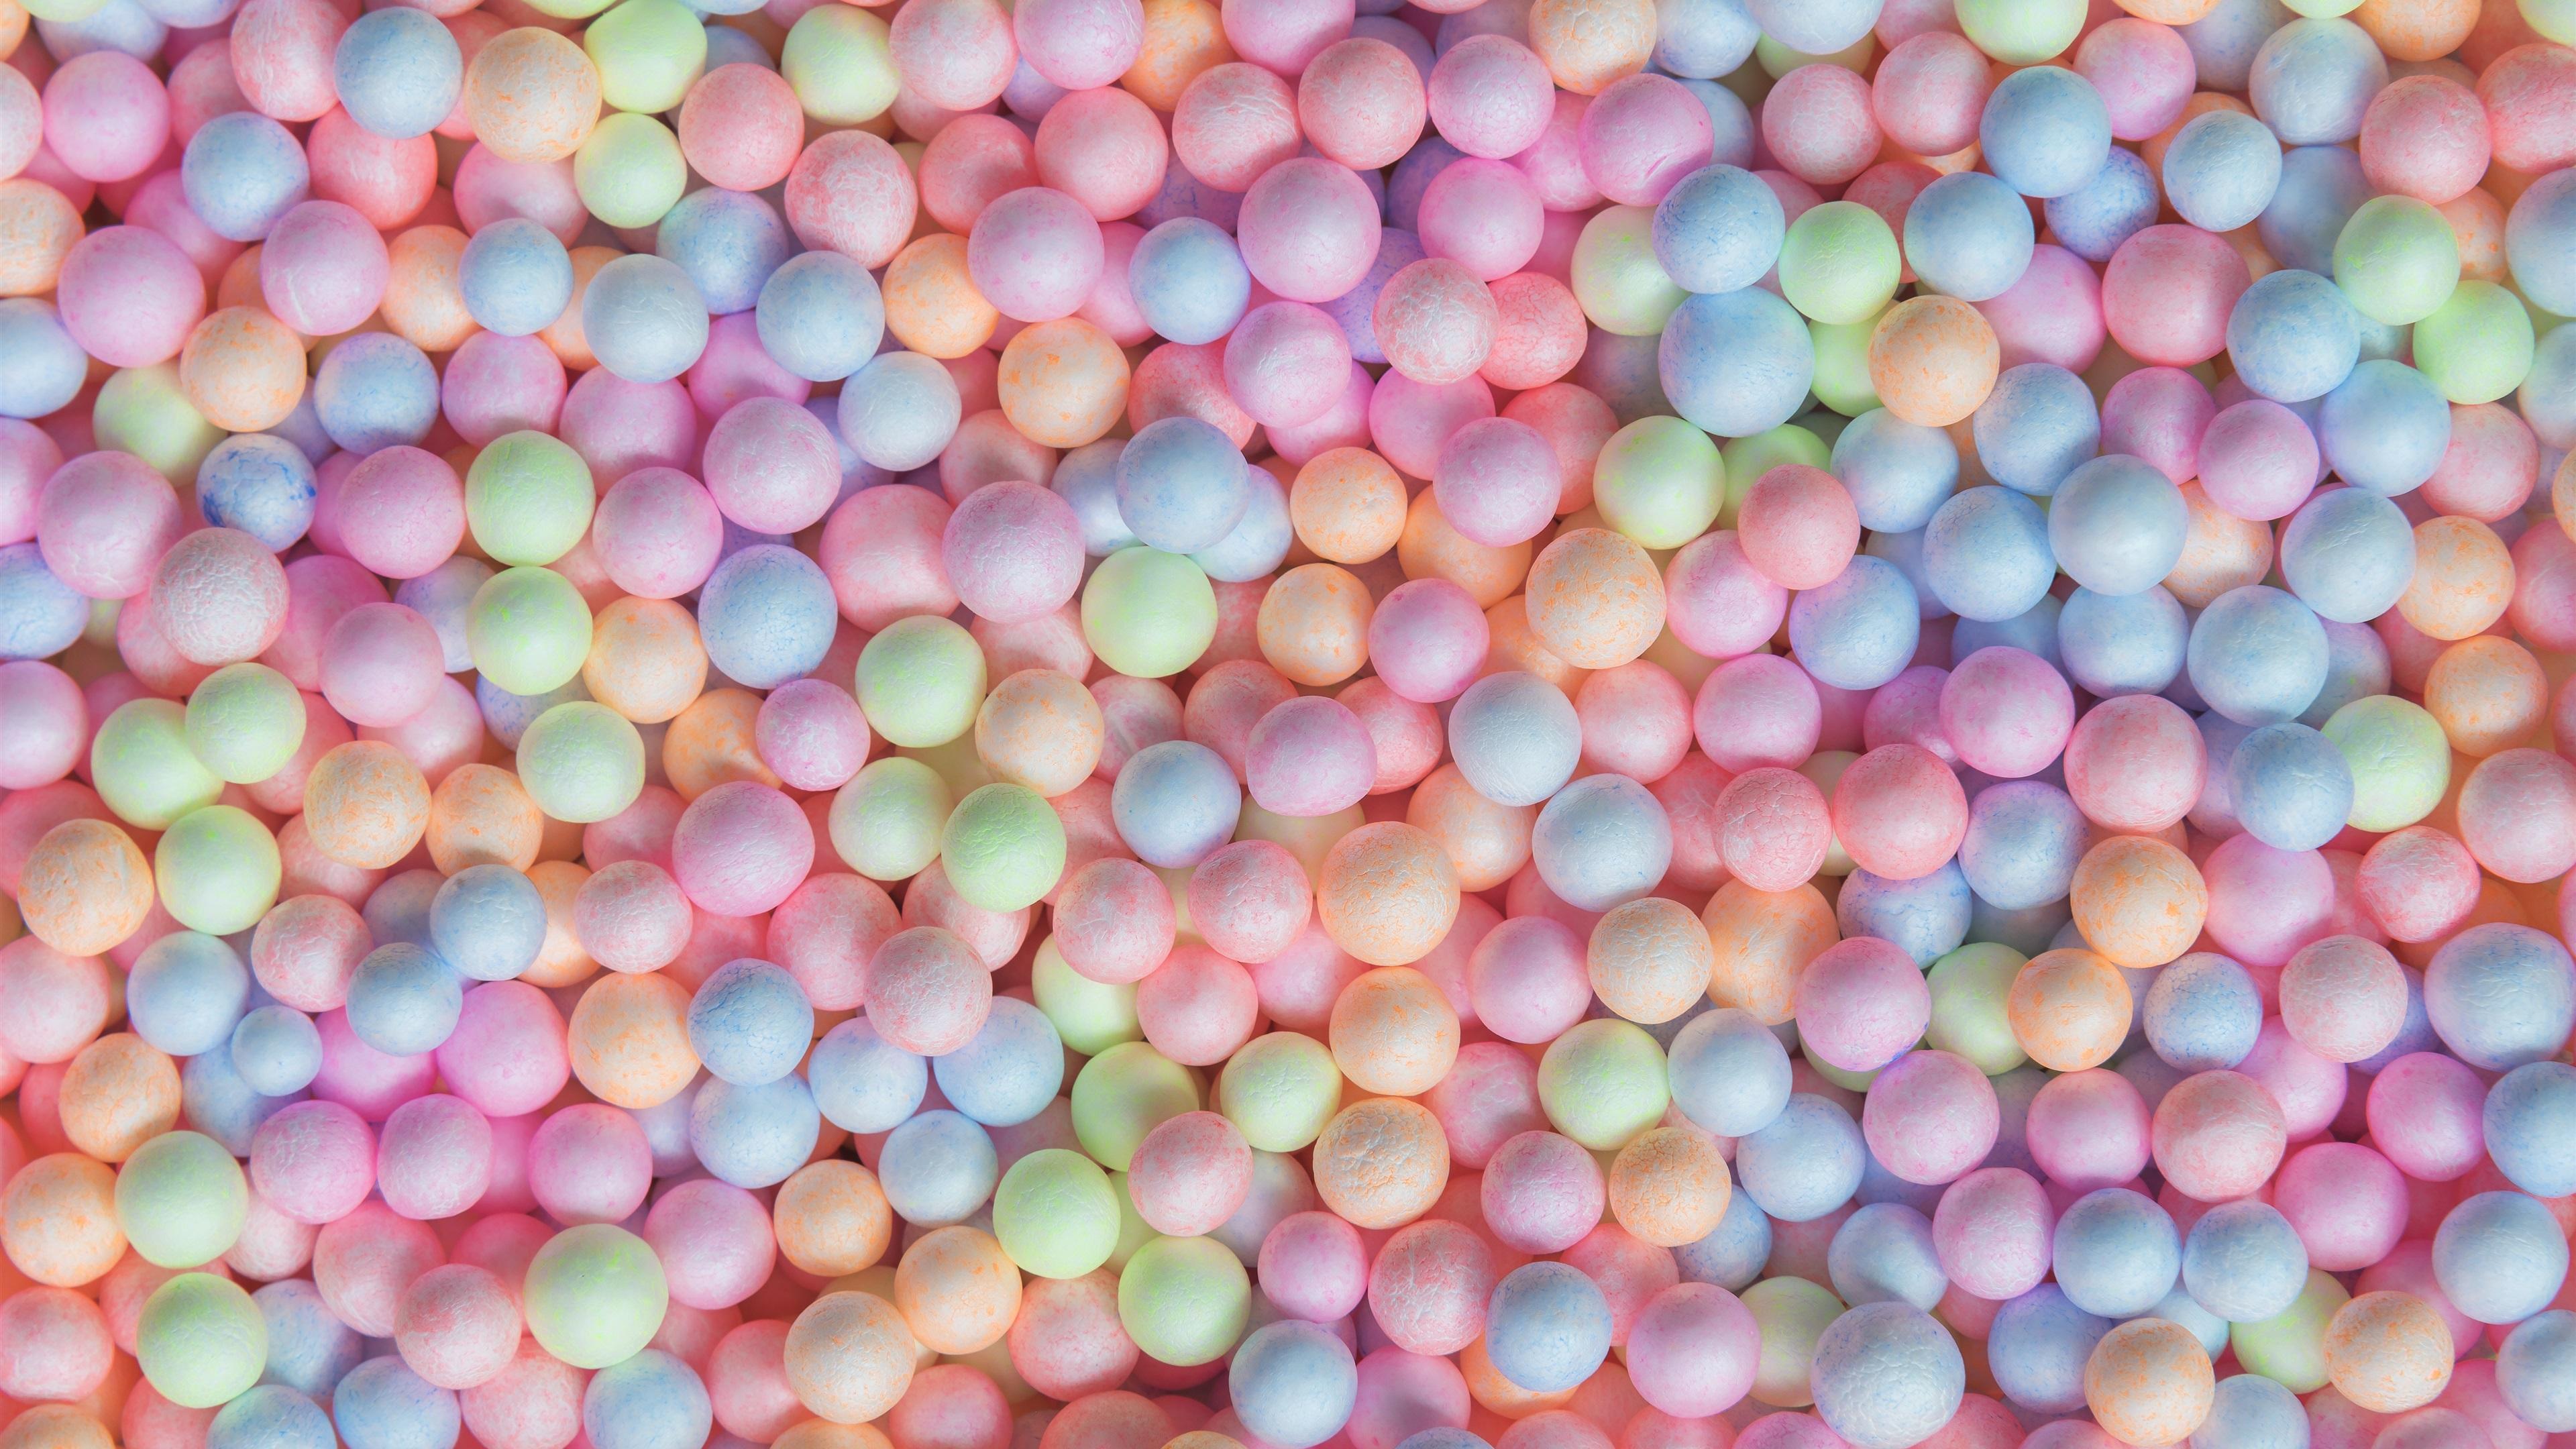 Fondos De Pantalla Bolas De Colores, Dulces 3840x2160 UHD